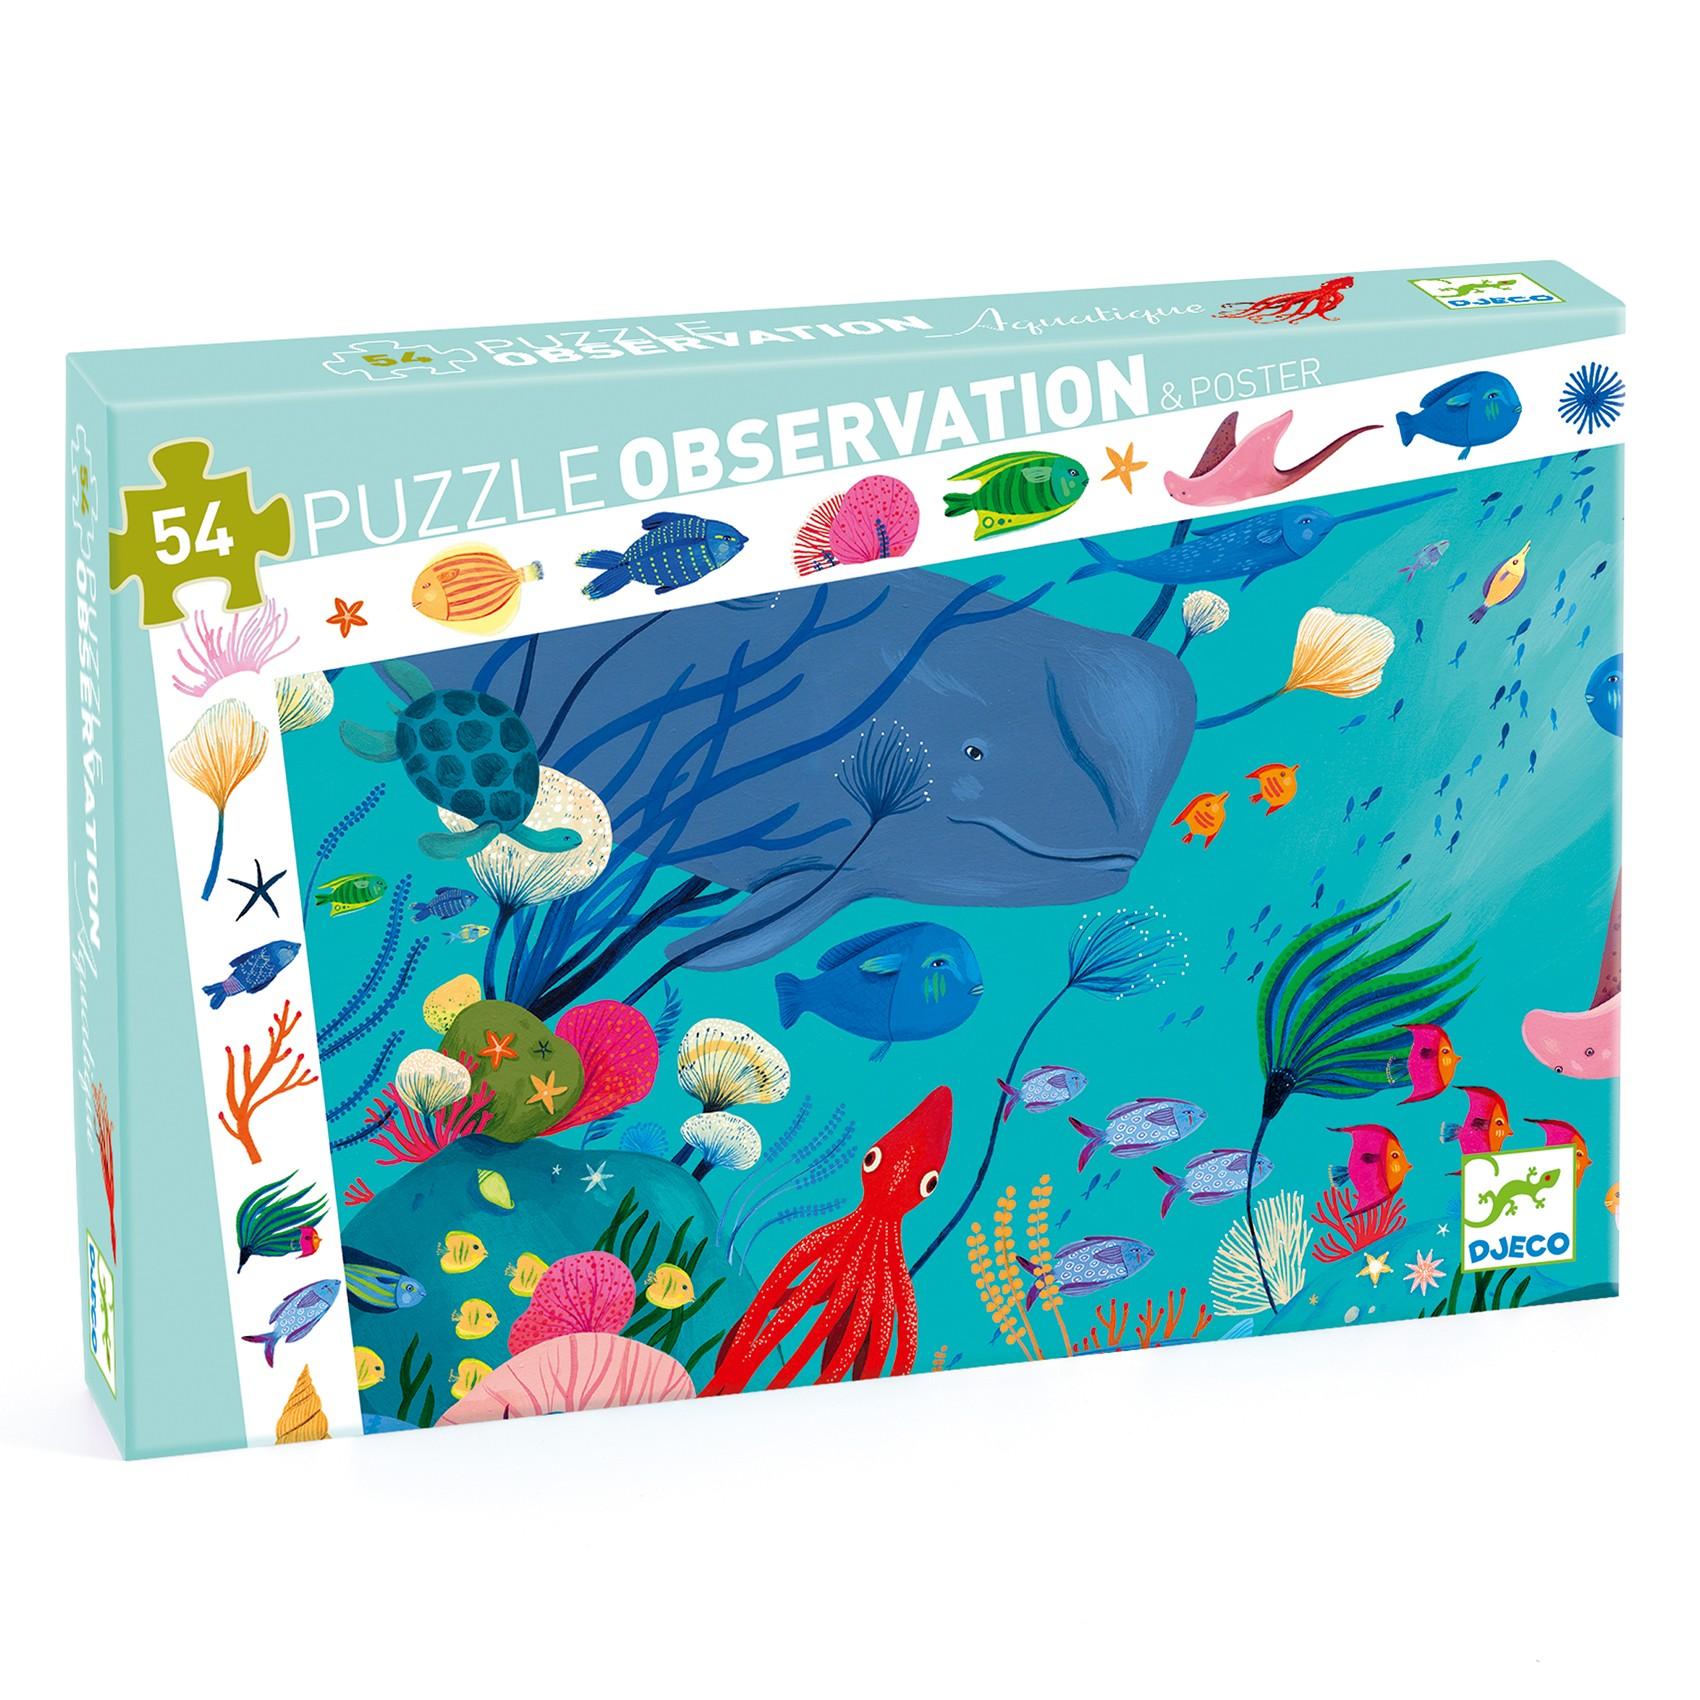 Djeco - Puzzle D'Observation - Aquatique 54 Pièces